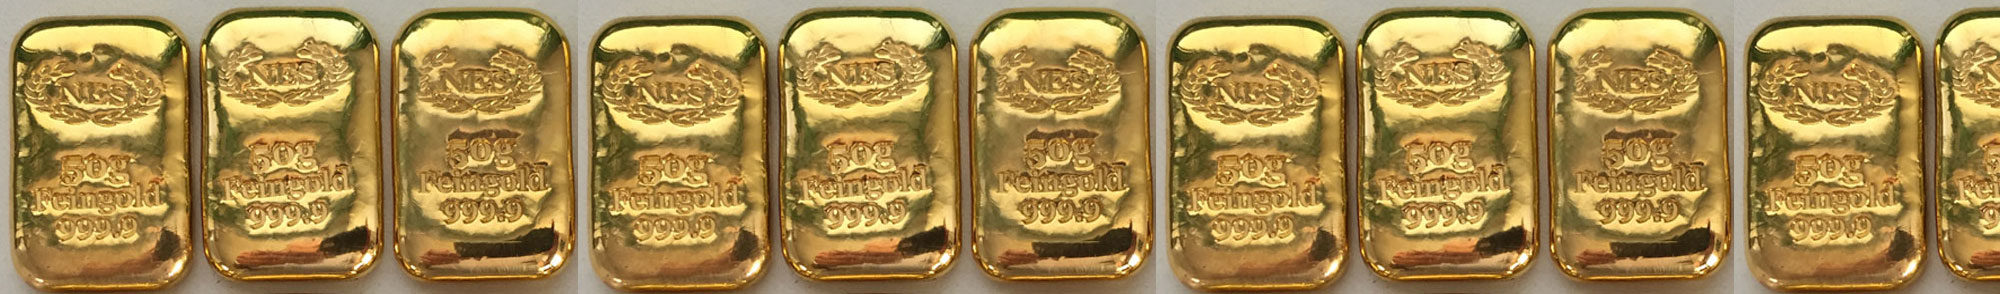 Goldbarren-kaufen-bei-der-NES-GROUP